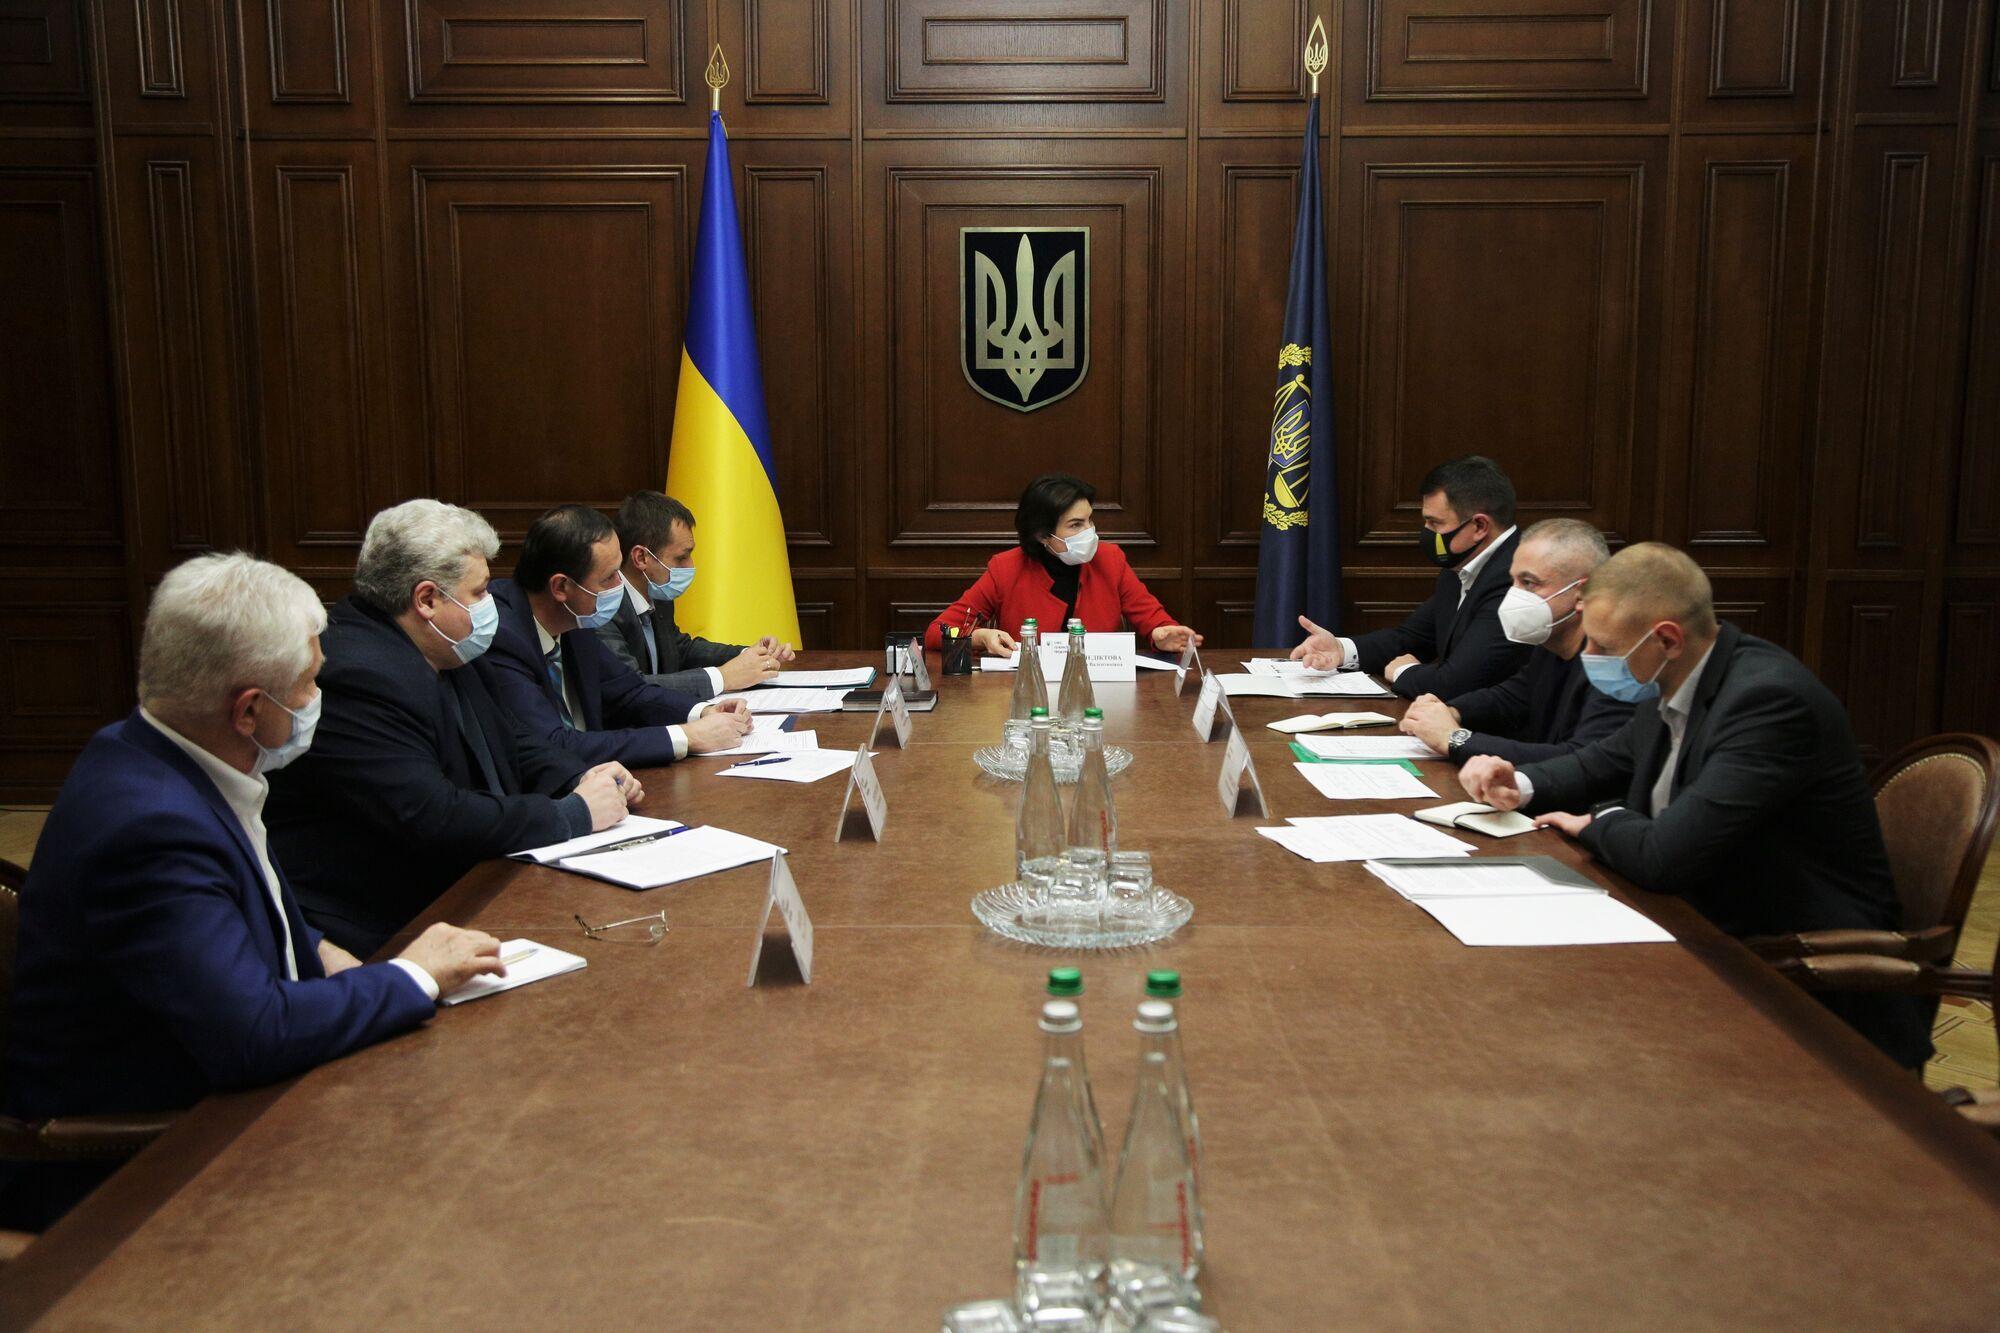 Венедіктова зібрала нараду з керівництвом антикорупційних органів